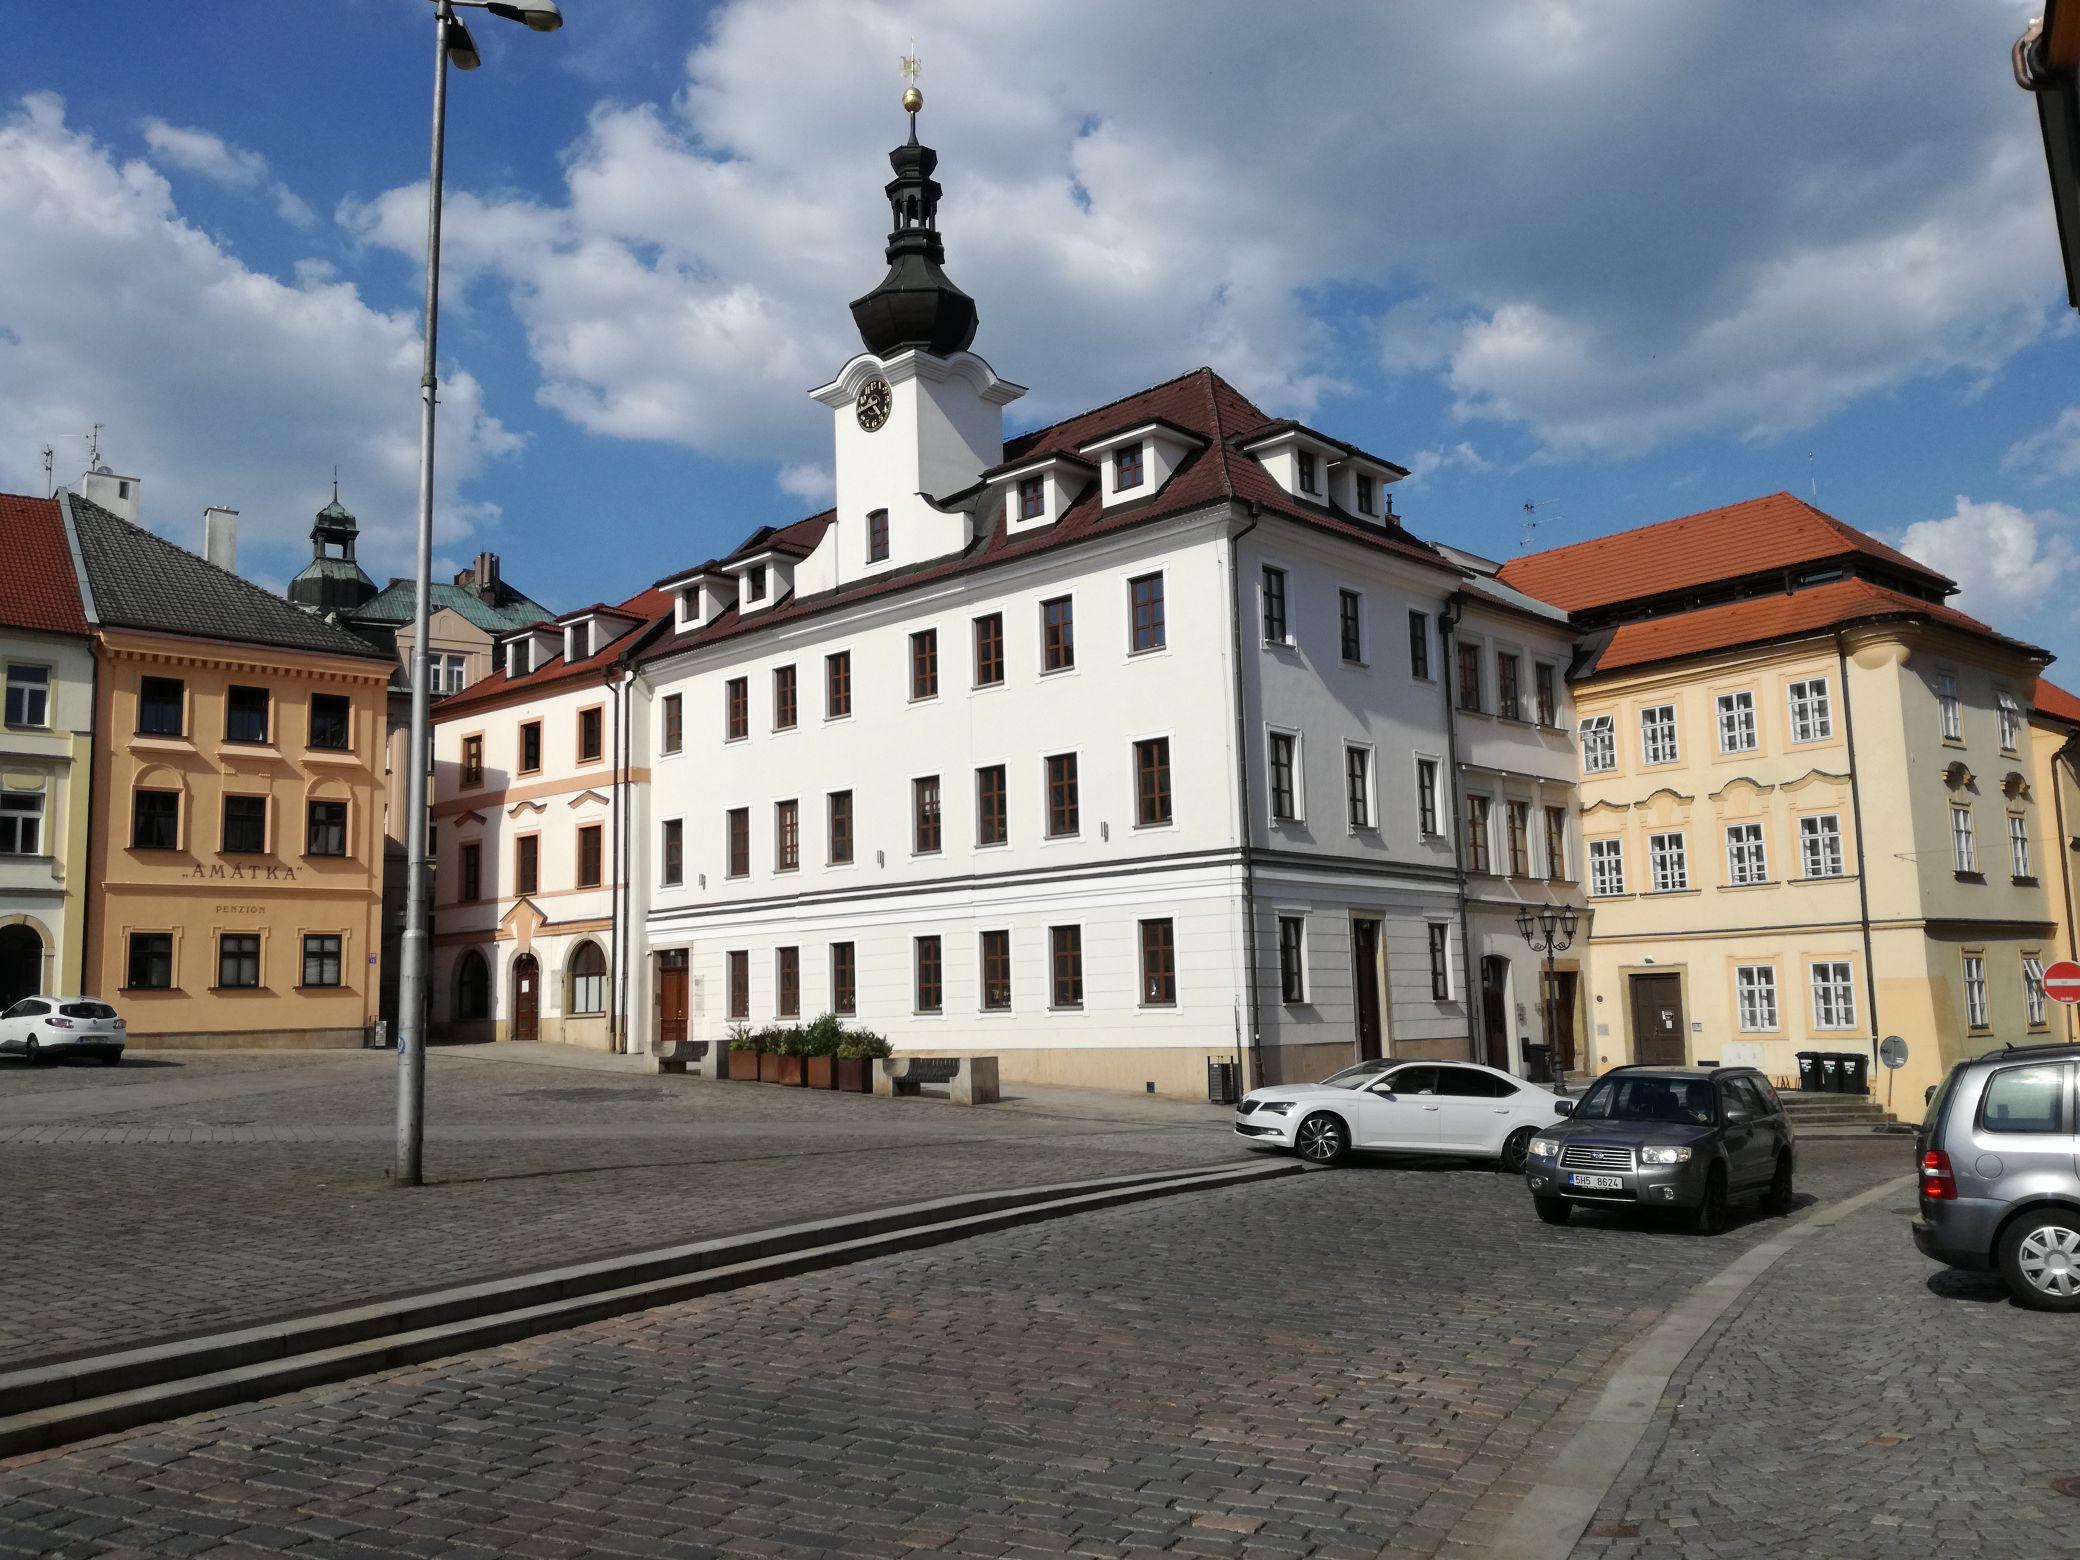 Régi Városháza